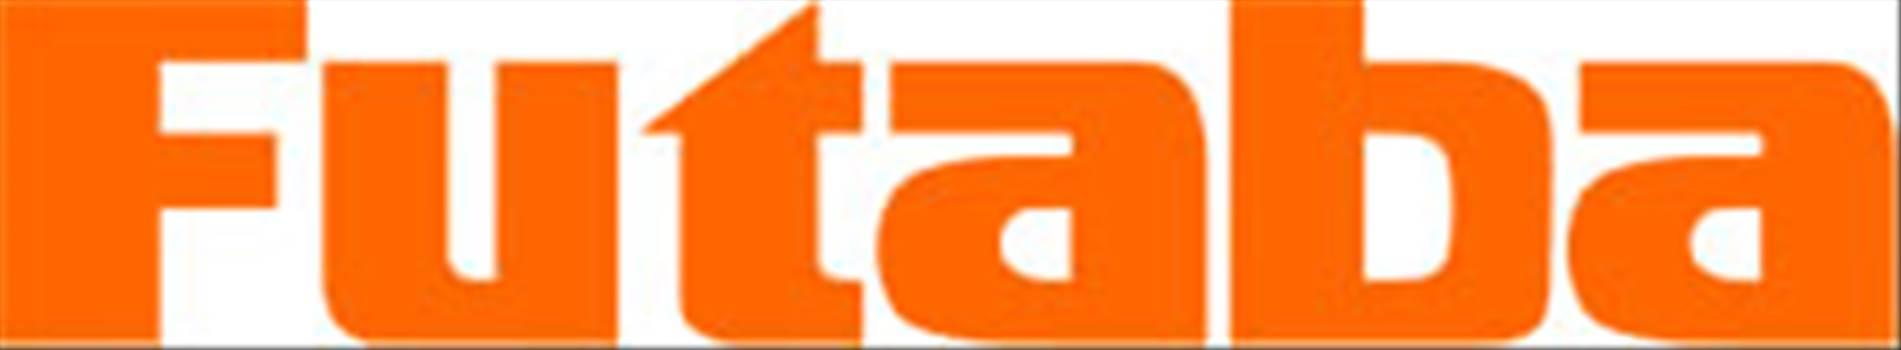 futaba-logo.jpg by erubio24